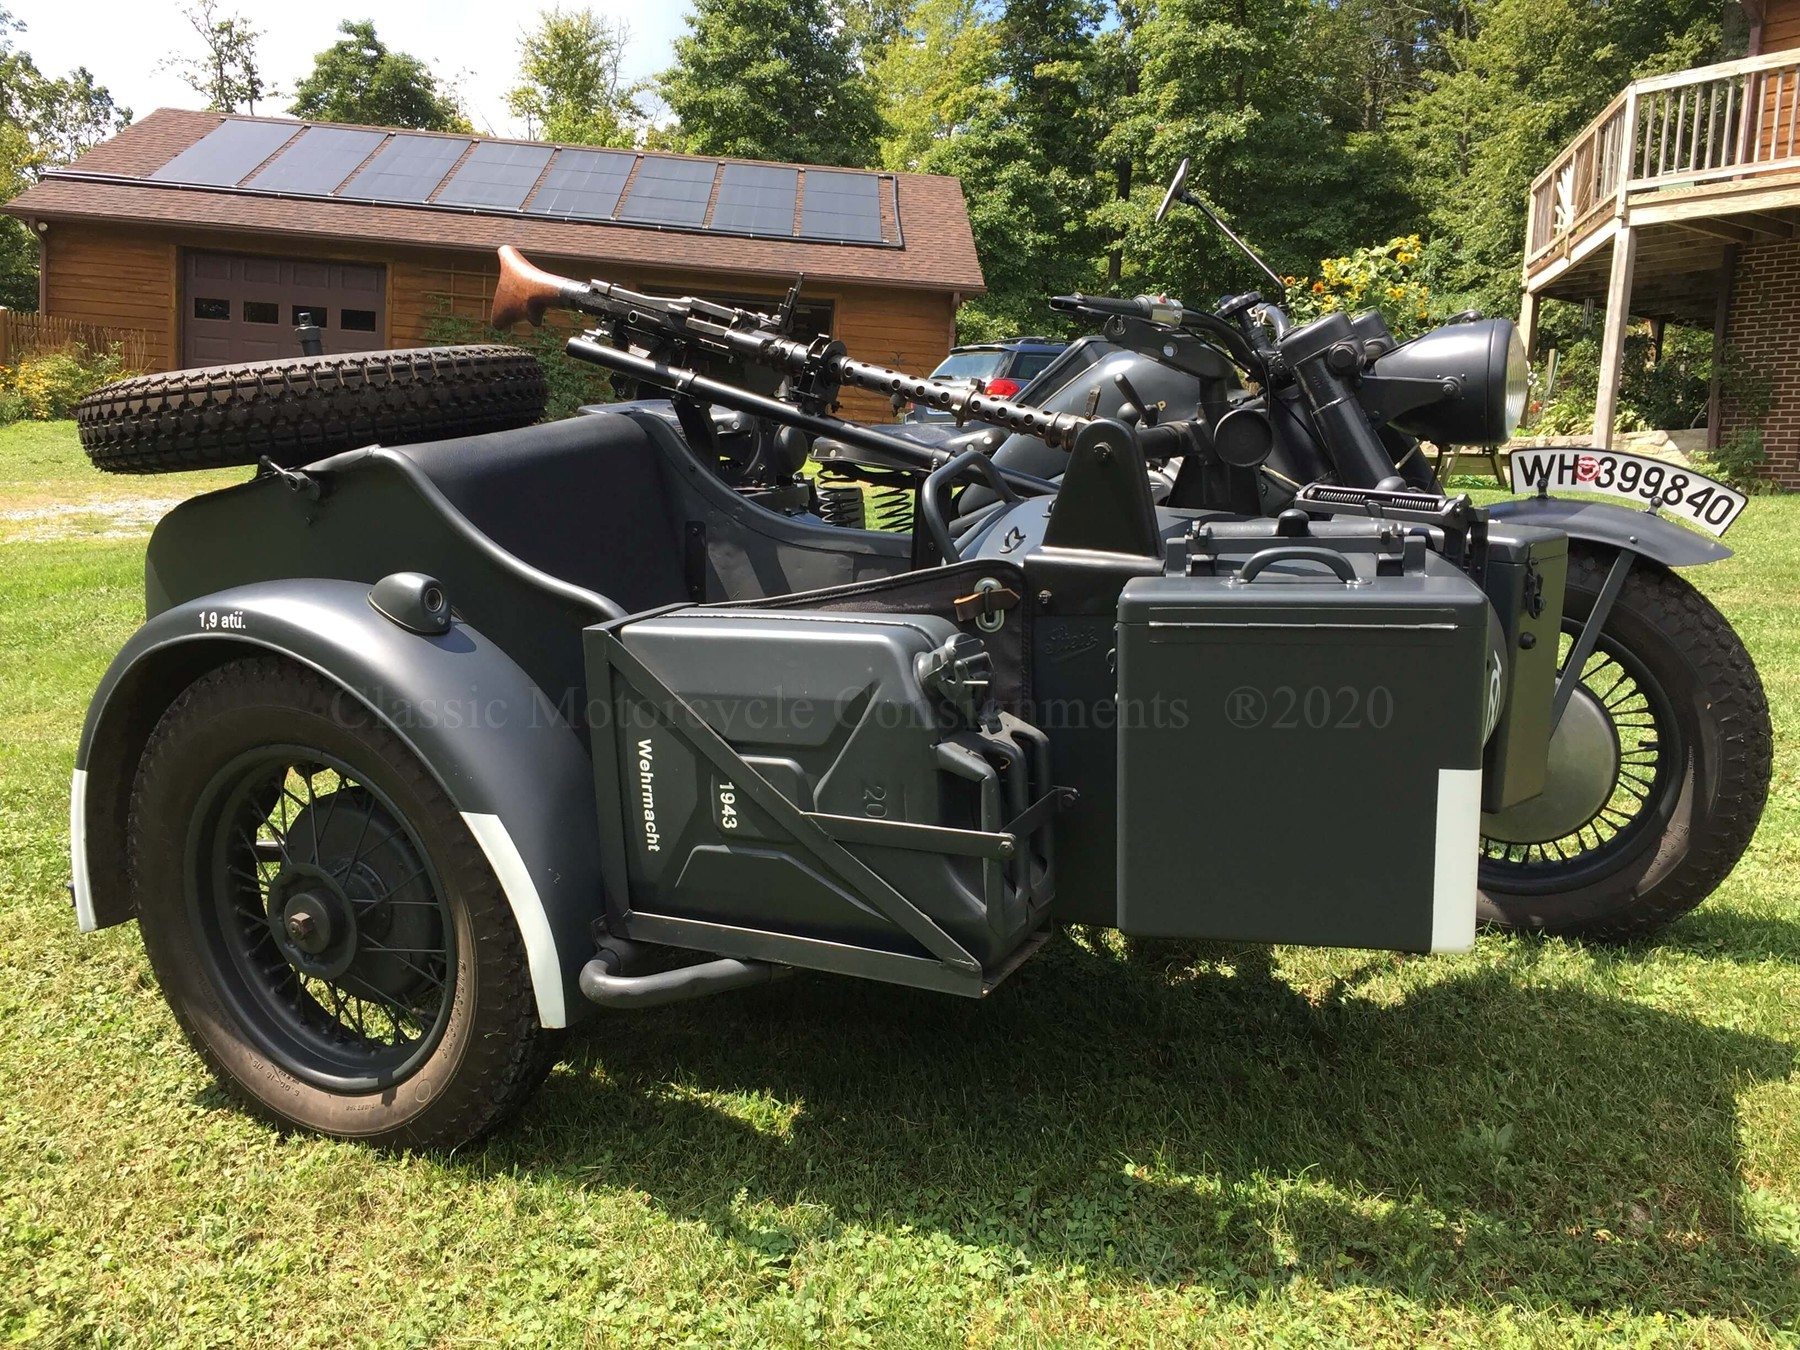 1943 Zundapp KS750 WW II Military Motorcycle